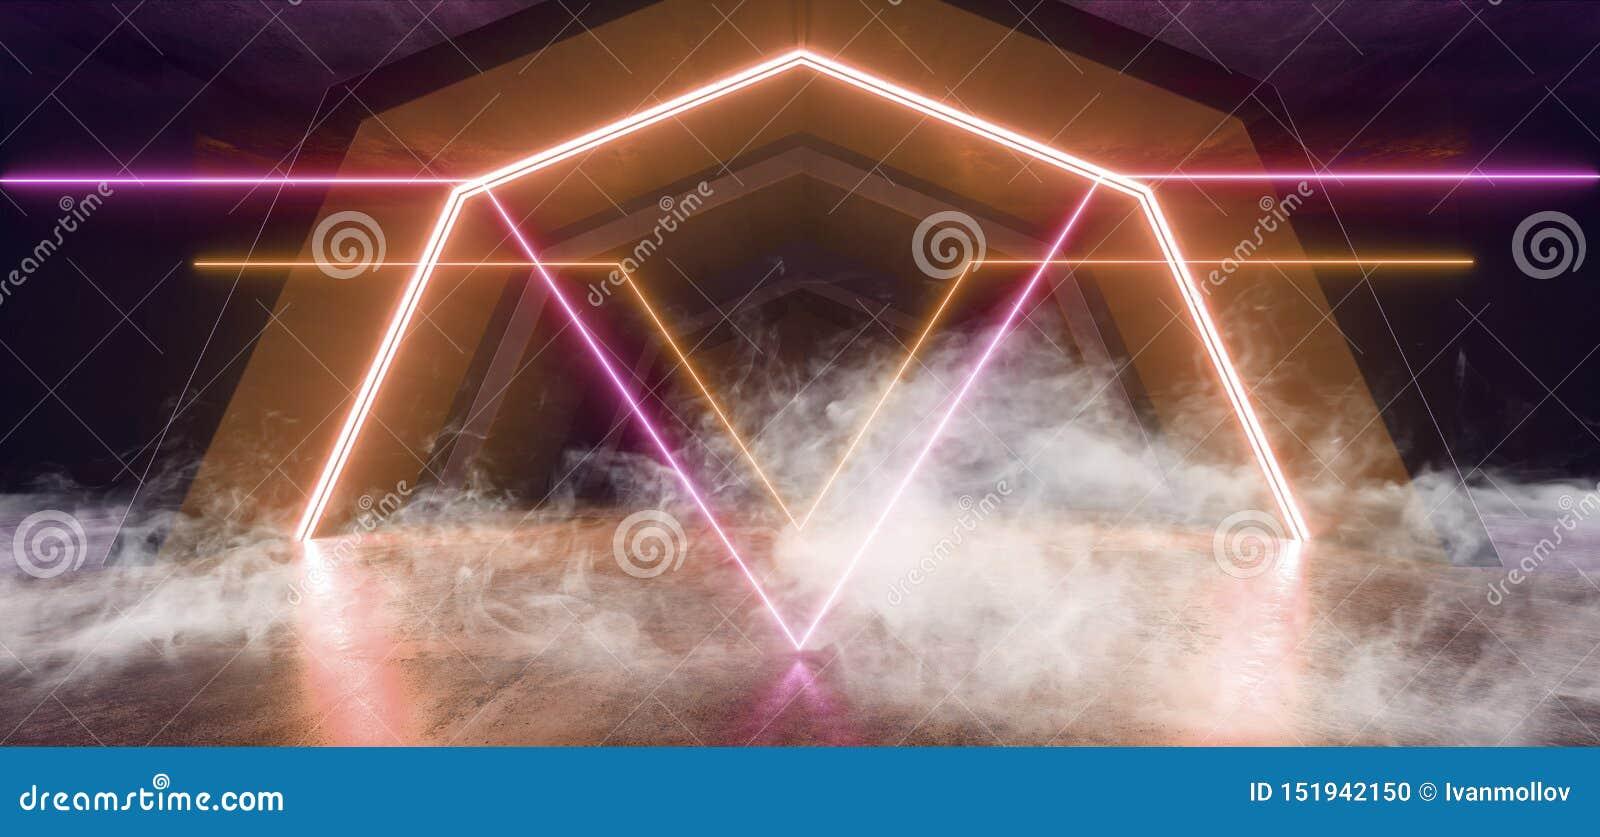 烟未来派科学幻想小说曲拱橙色紫色激光霓虹灯发光的黑暗的难看的东西反射性具体隧道走廊走廊外籍人